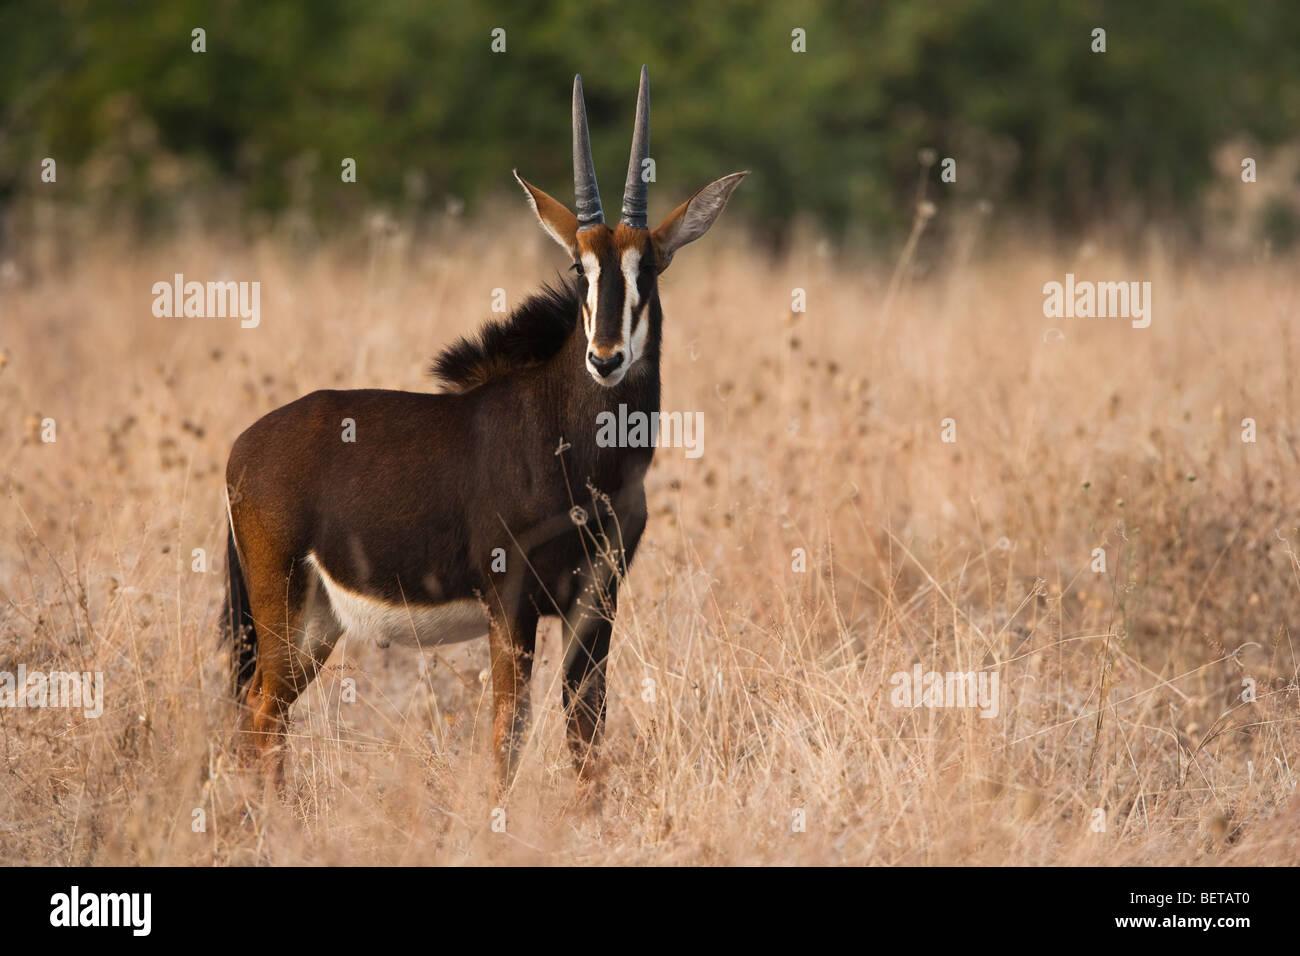 Bebé sable antelope frente perfil en campo abierto de los altos pastos secos, contacto visual, luz cálida, Botswana safari vista, región del Delta del Okavango Foto de stock